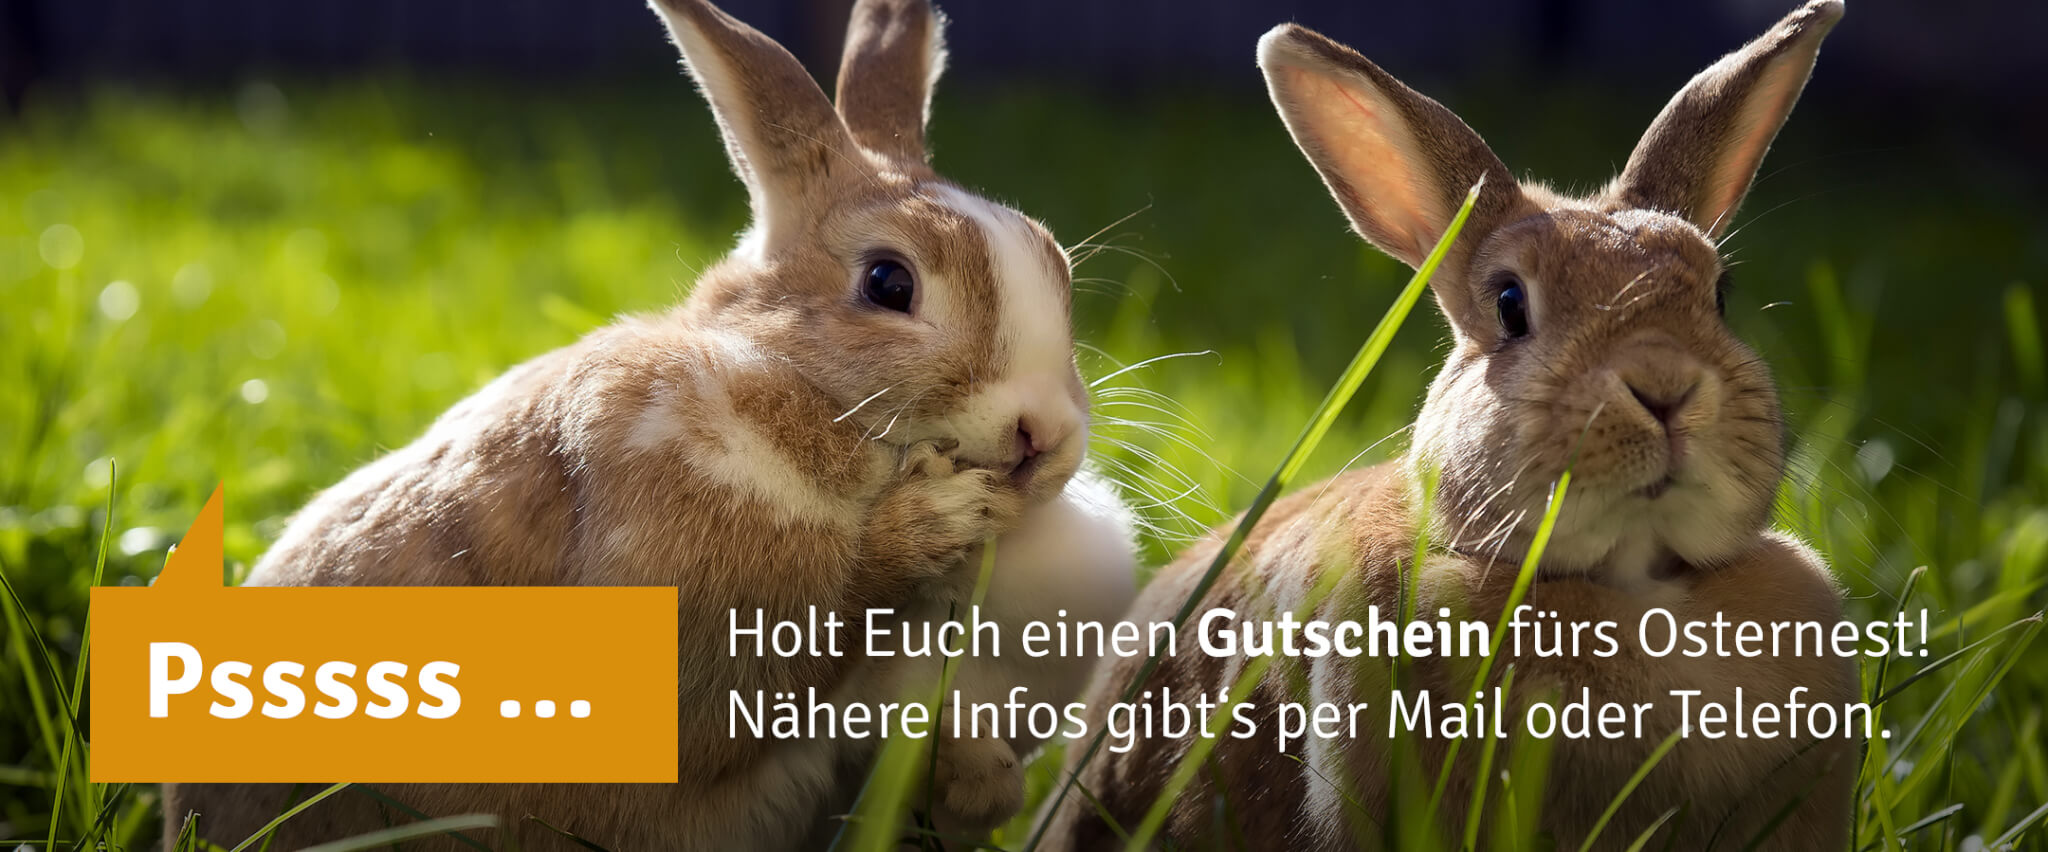 KK_20Ostern_Gutschein_Webslider